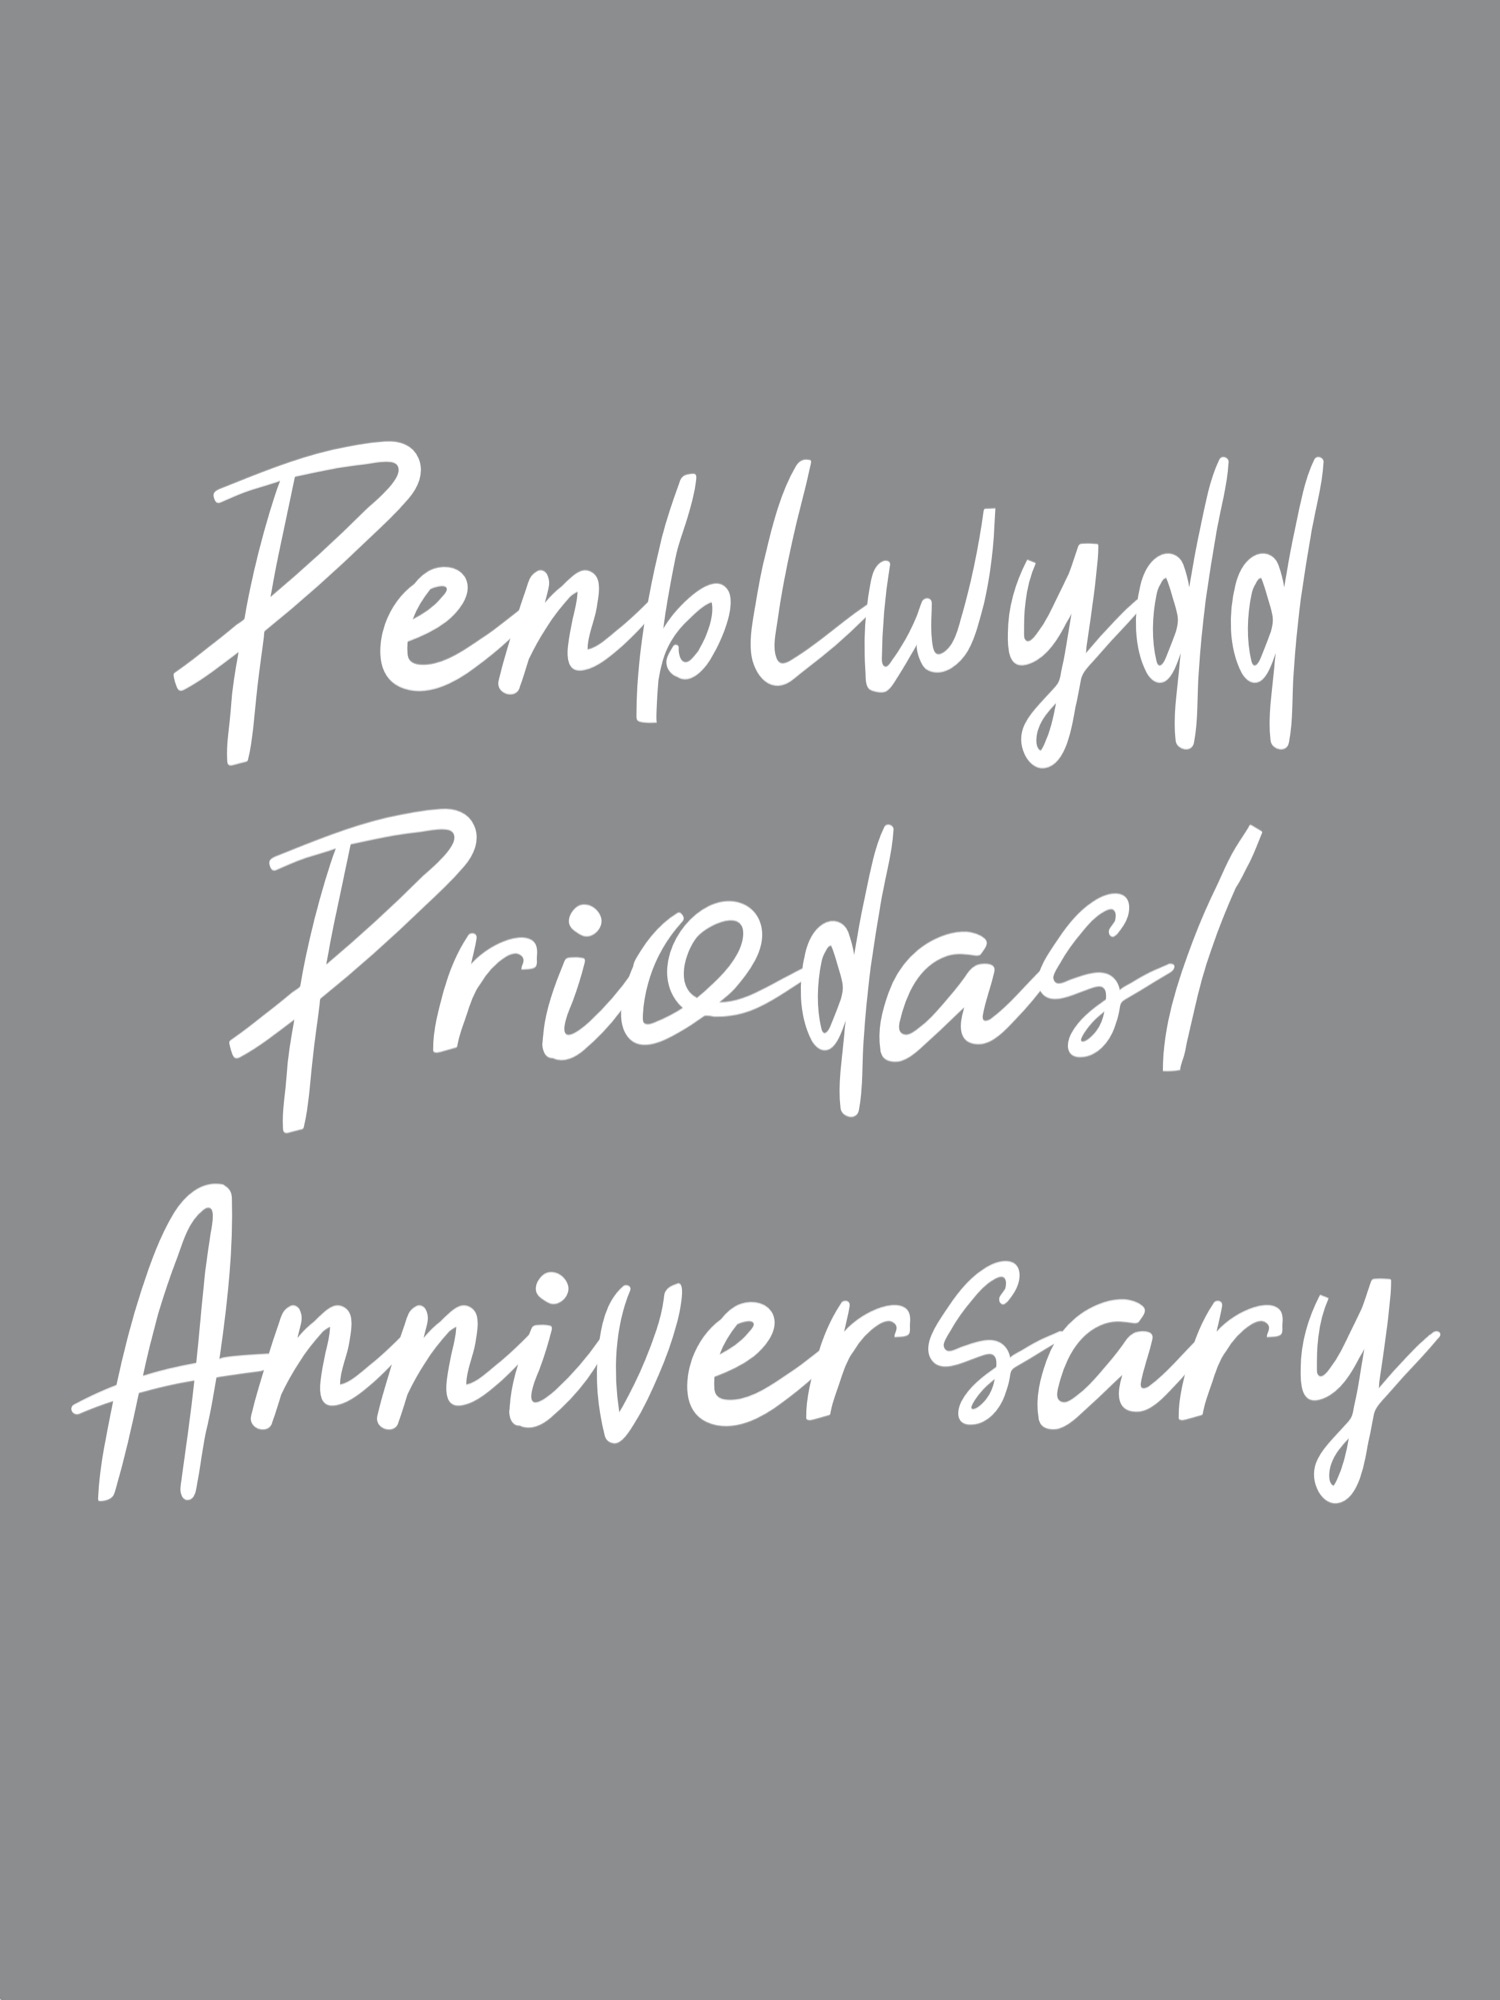 penblwydd priodas or anniversary